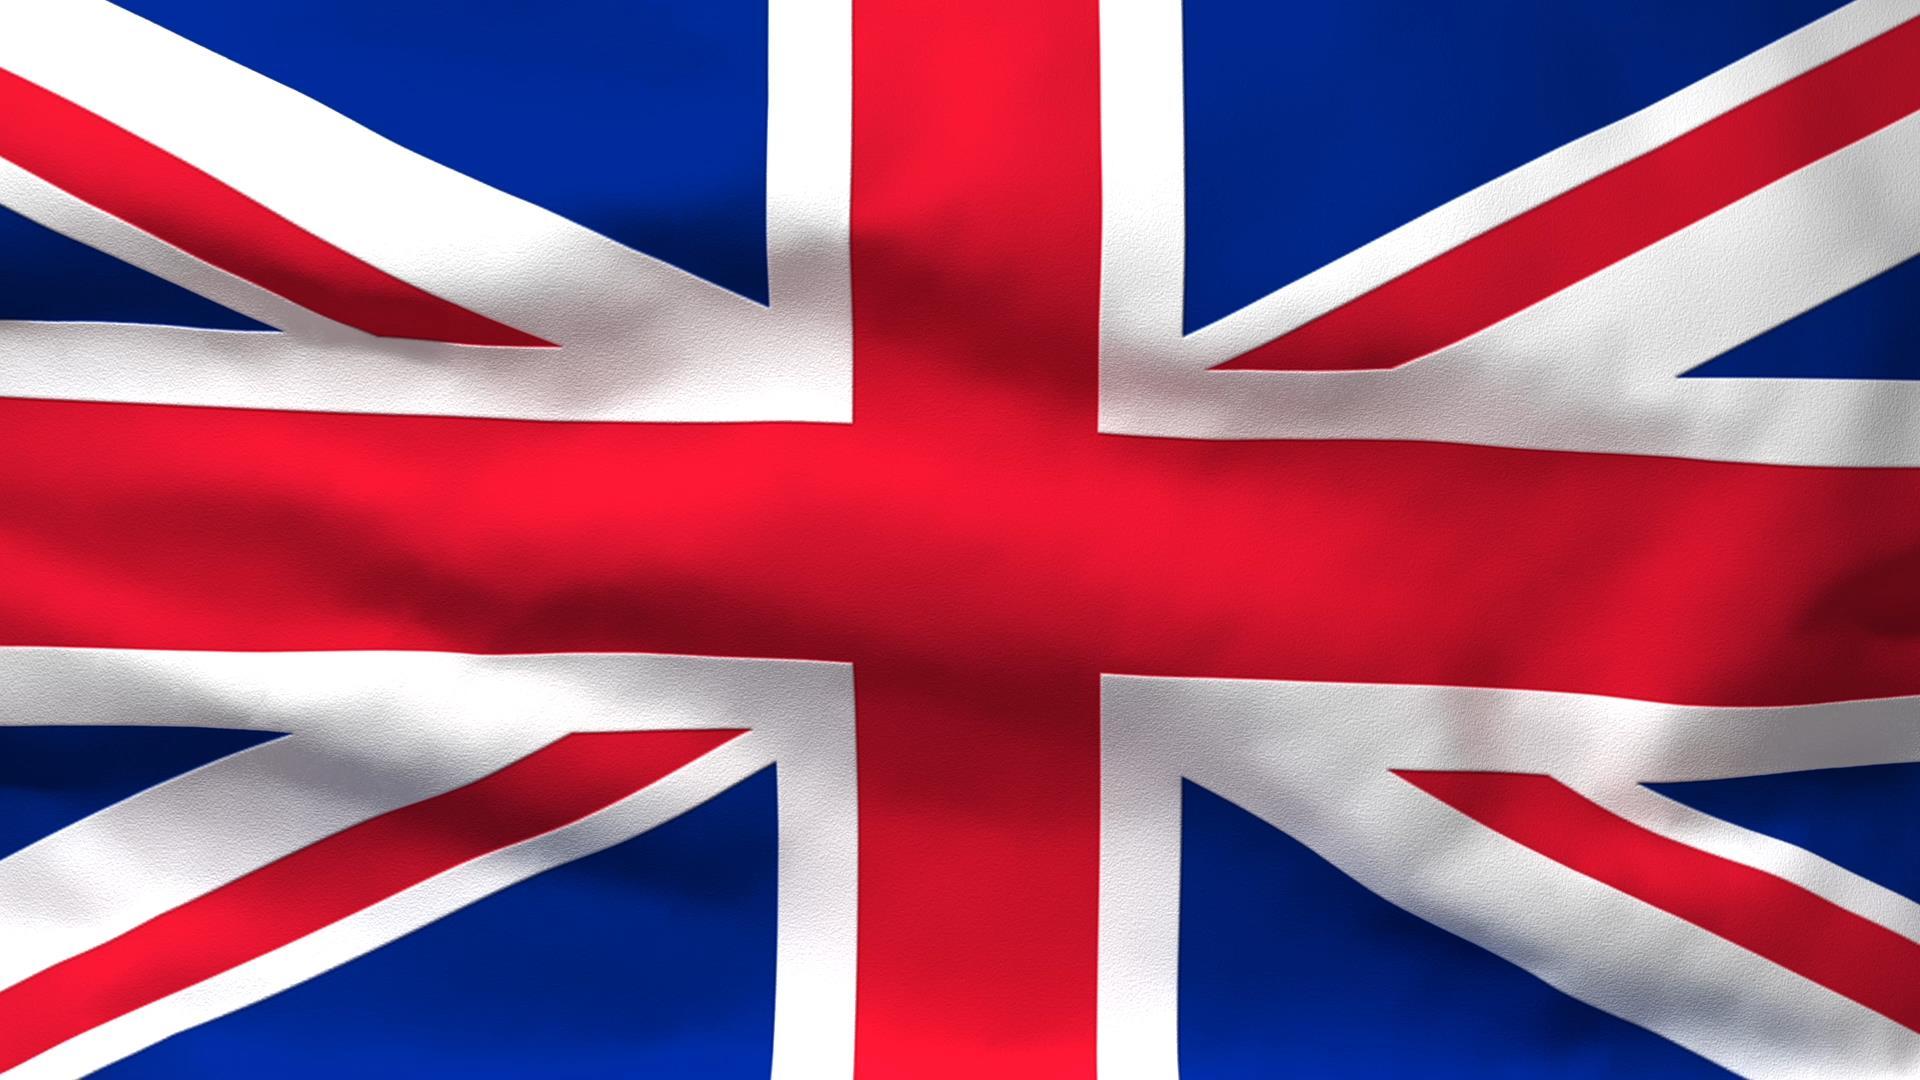 обои для рабочего стола флаг британии № 389770 загрузить